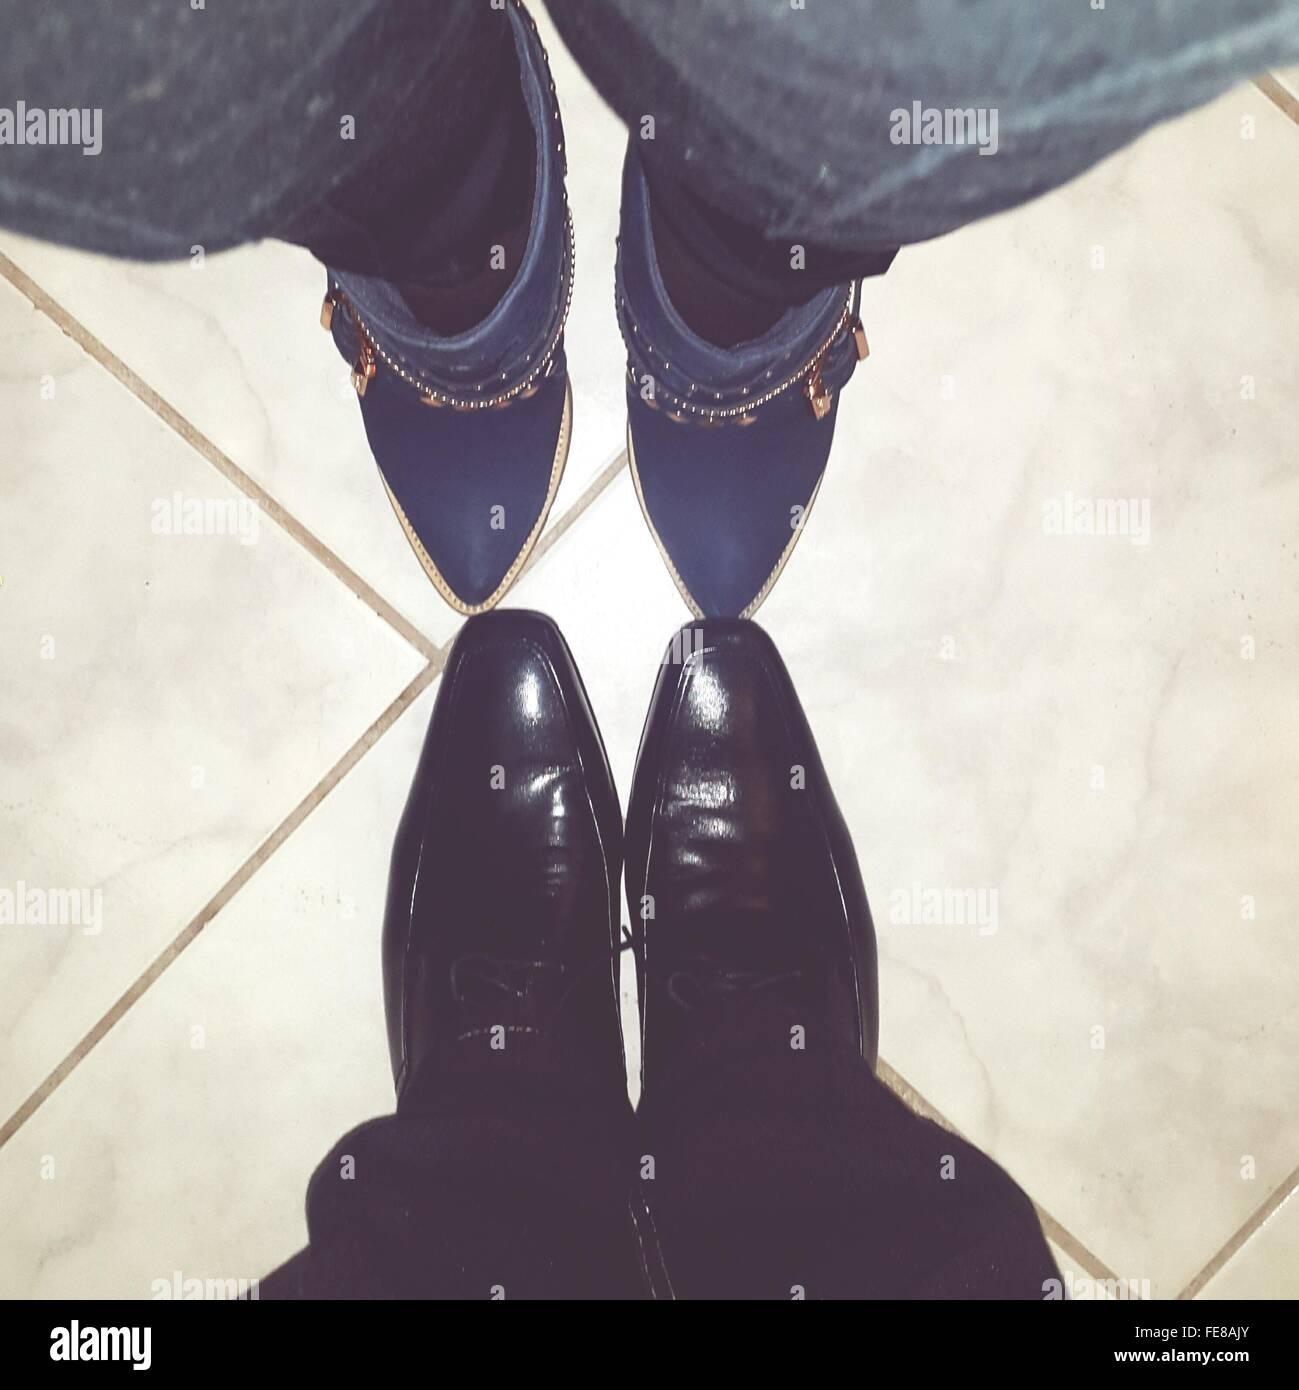 Mann und Frau Beine einander zugewandt Stockbild